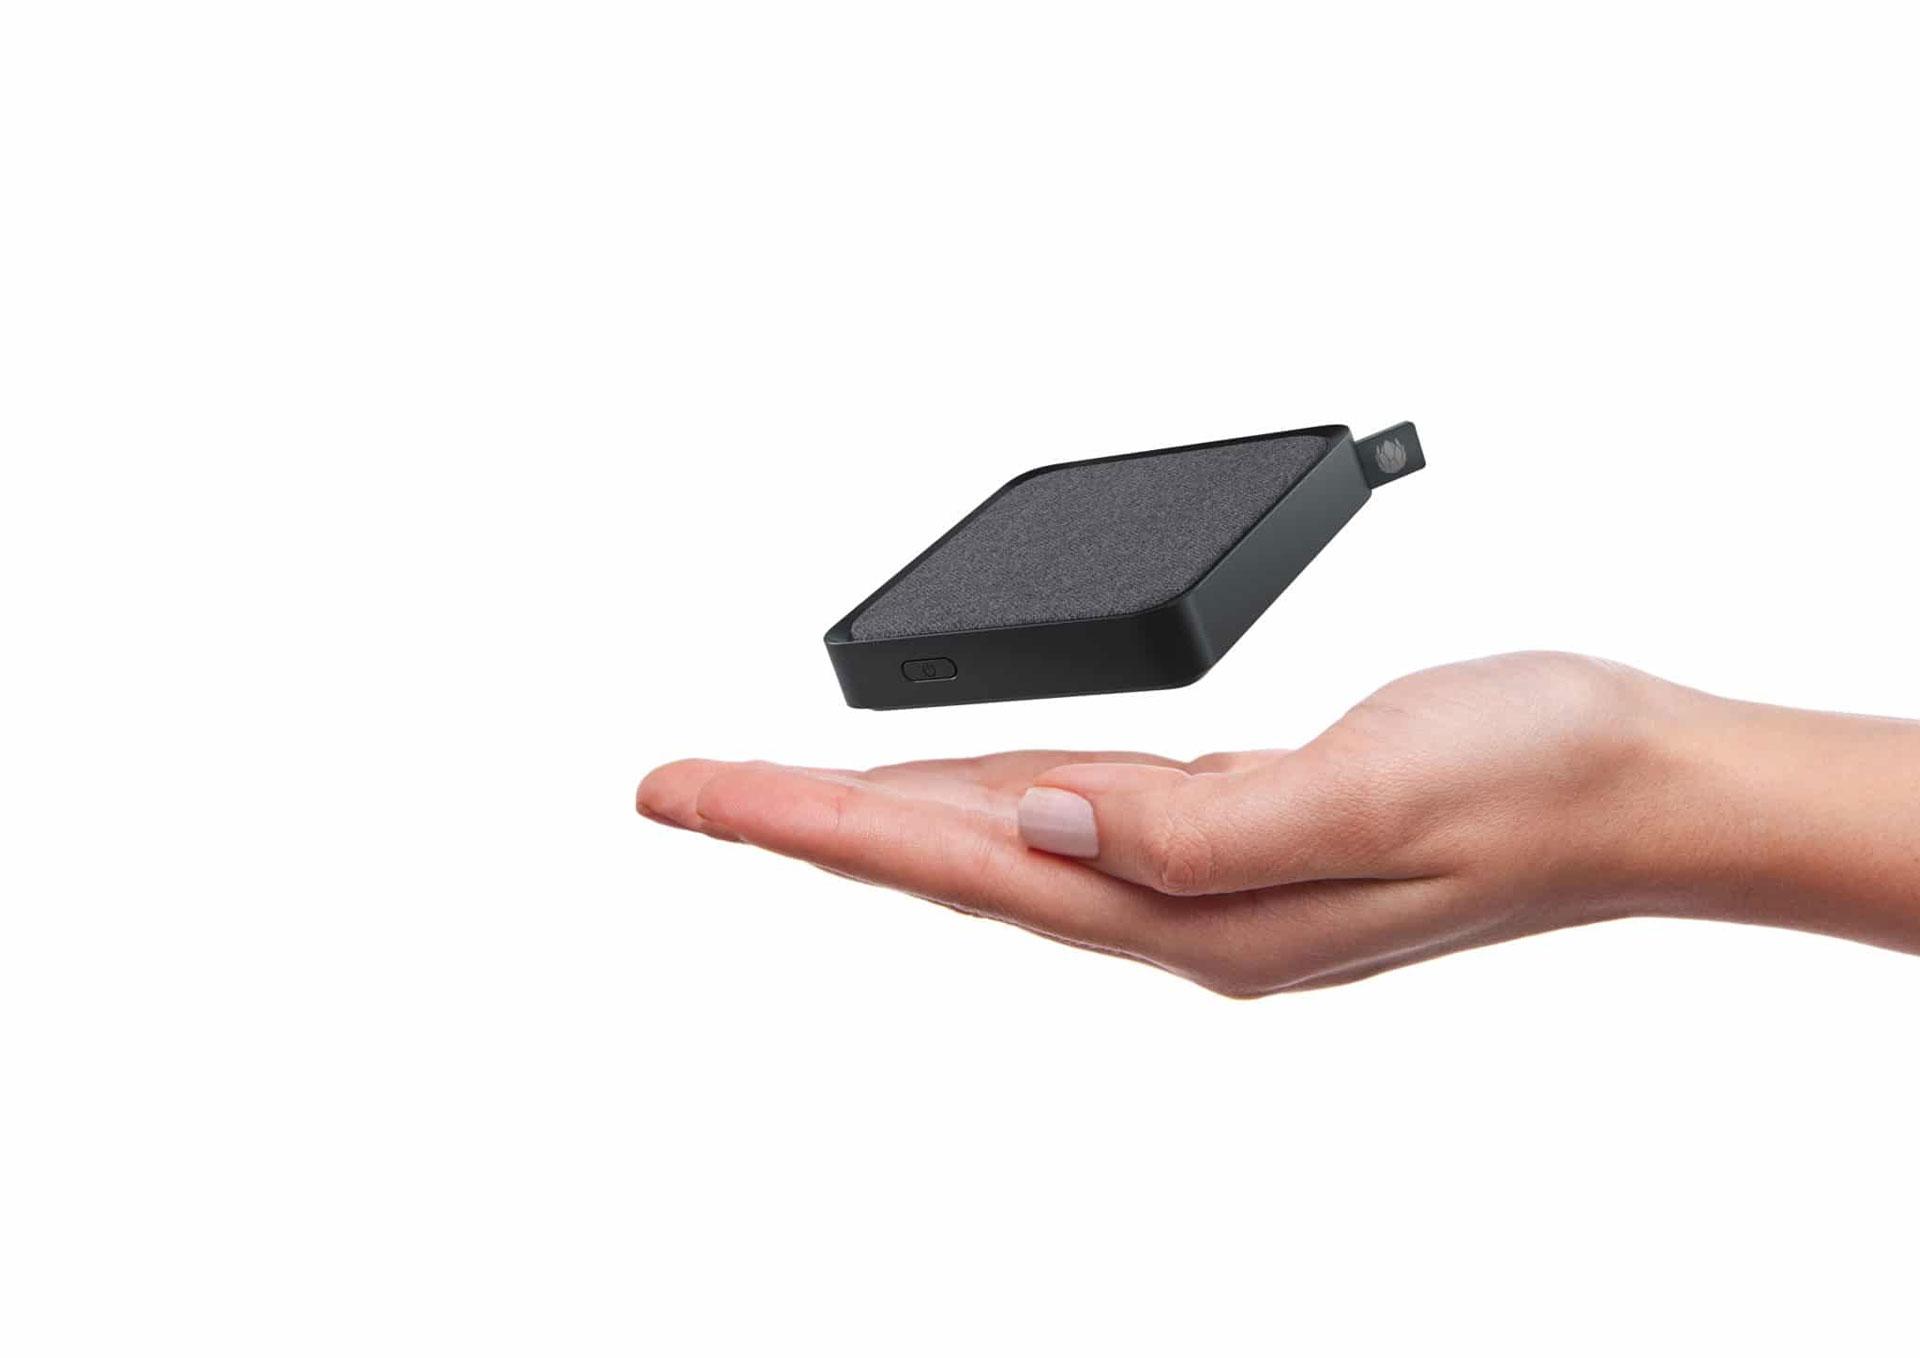 Liberty Global 4K Mini TV Box